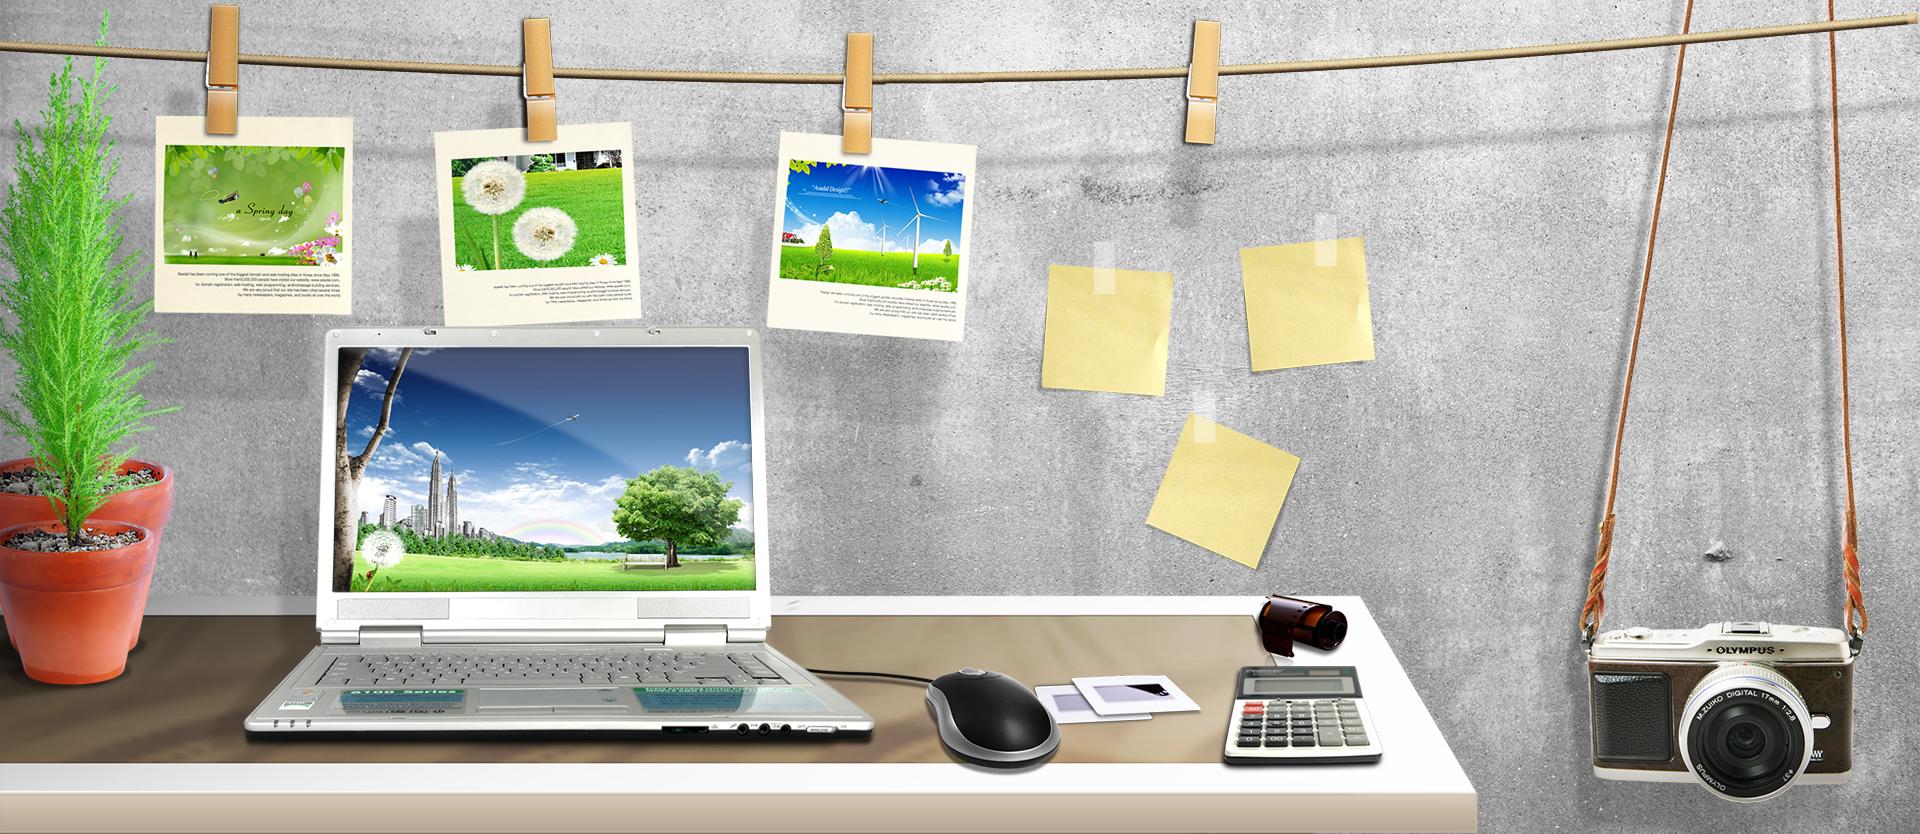 ordinateur ordinateur portable surveiller clavier contexte